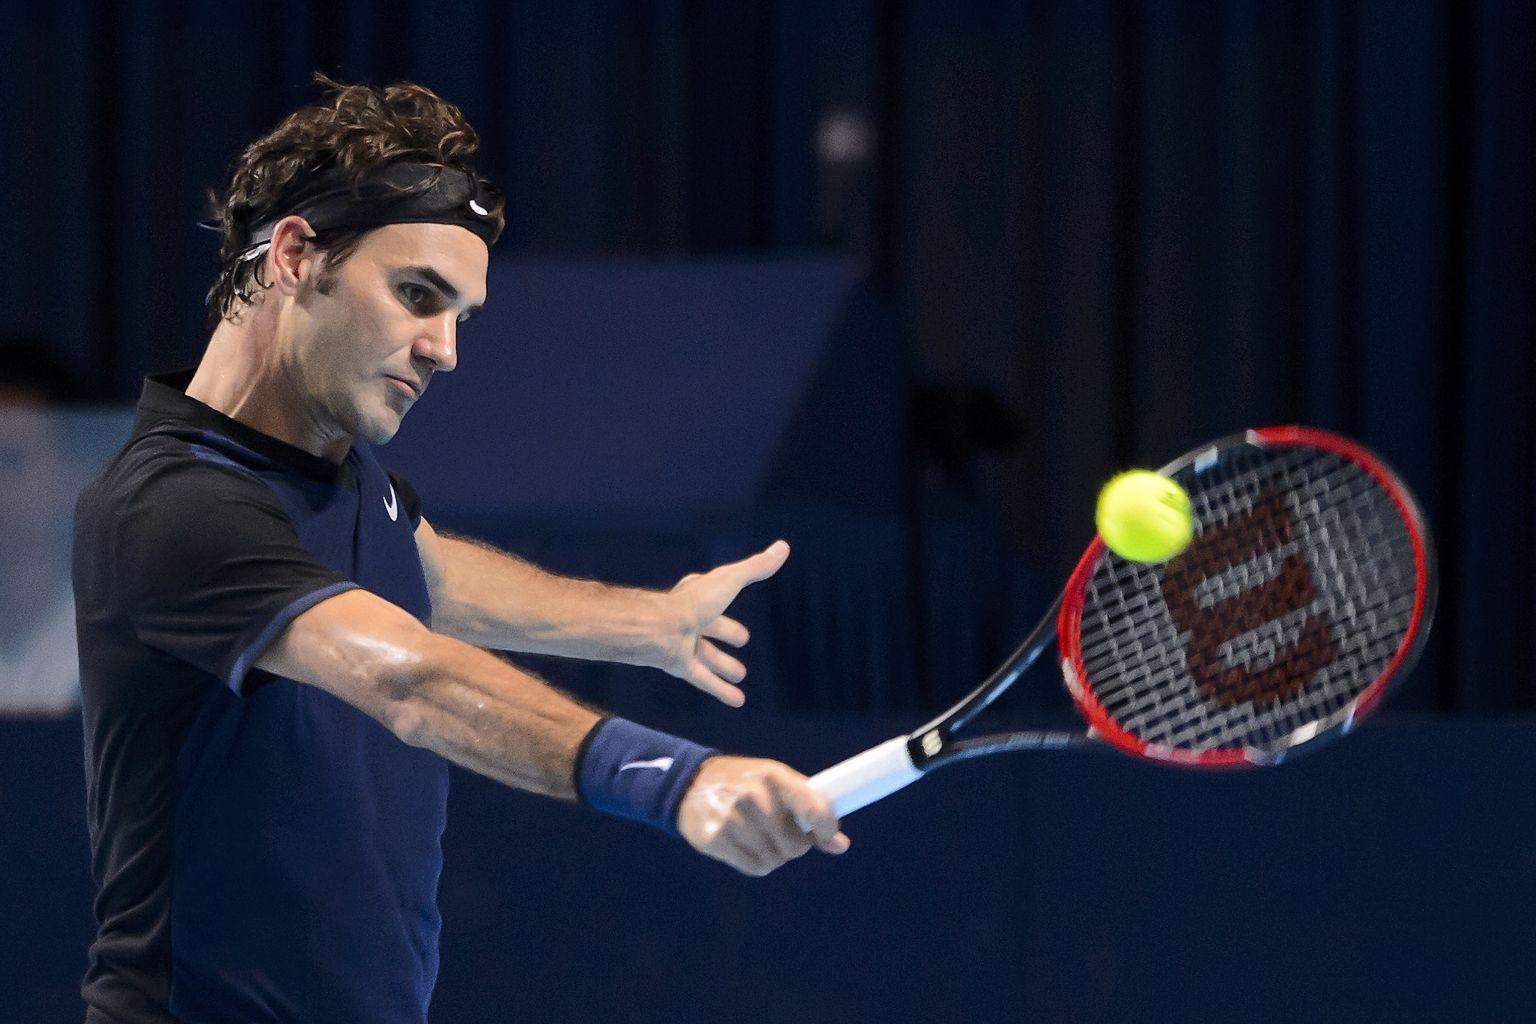 Basel, 3. November, Der Schweizer returniert einen Schlag des Spaniers Nadal.